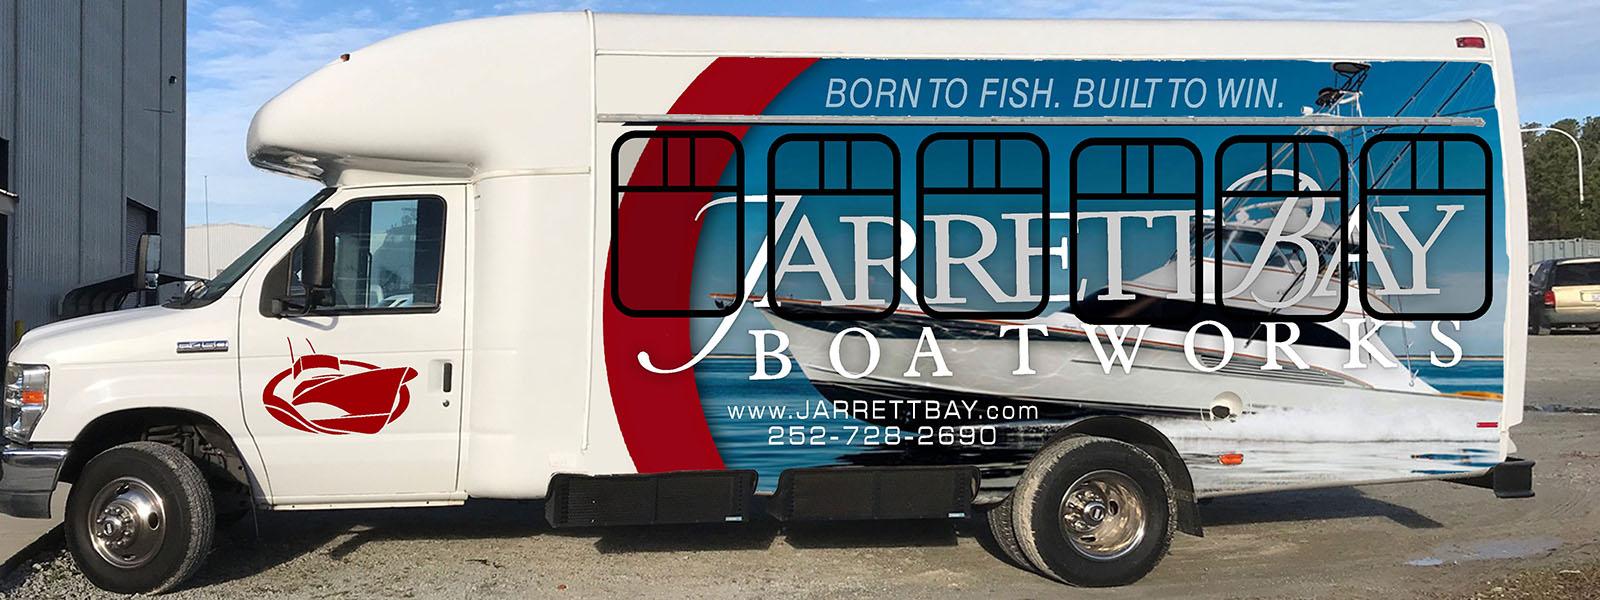 JBBW Tour Van